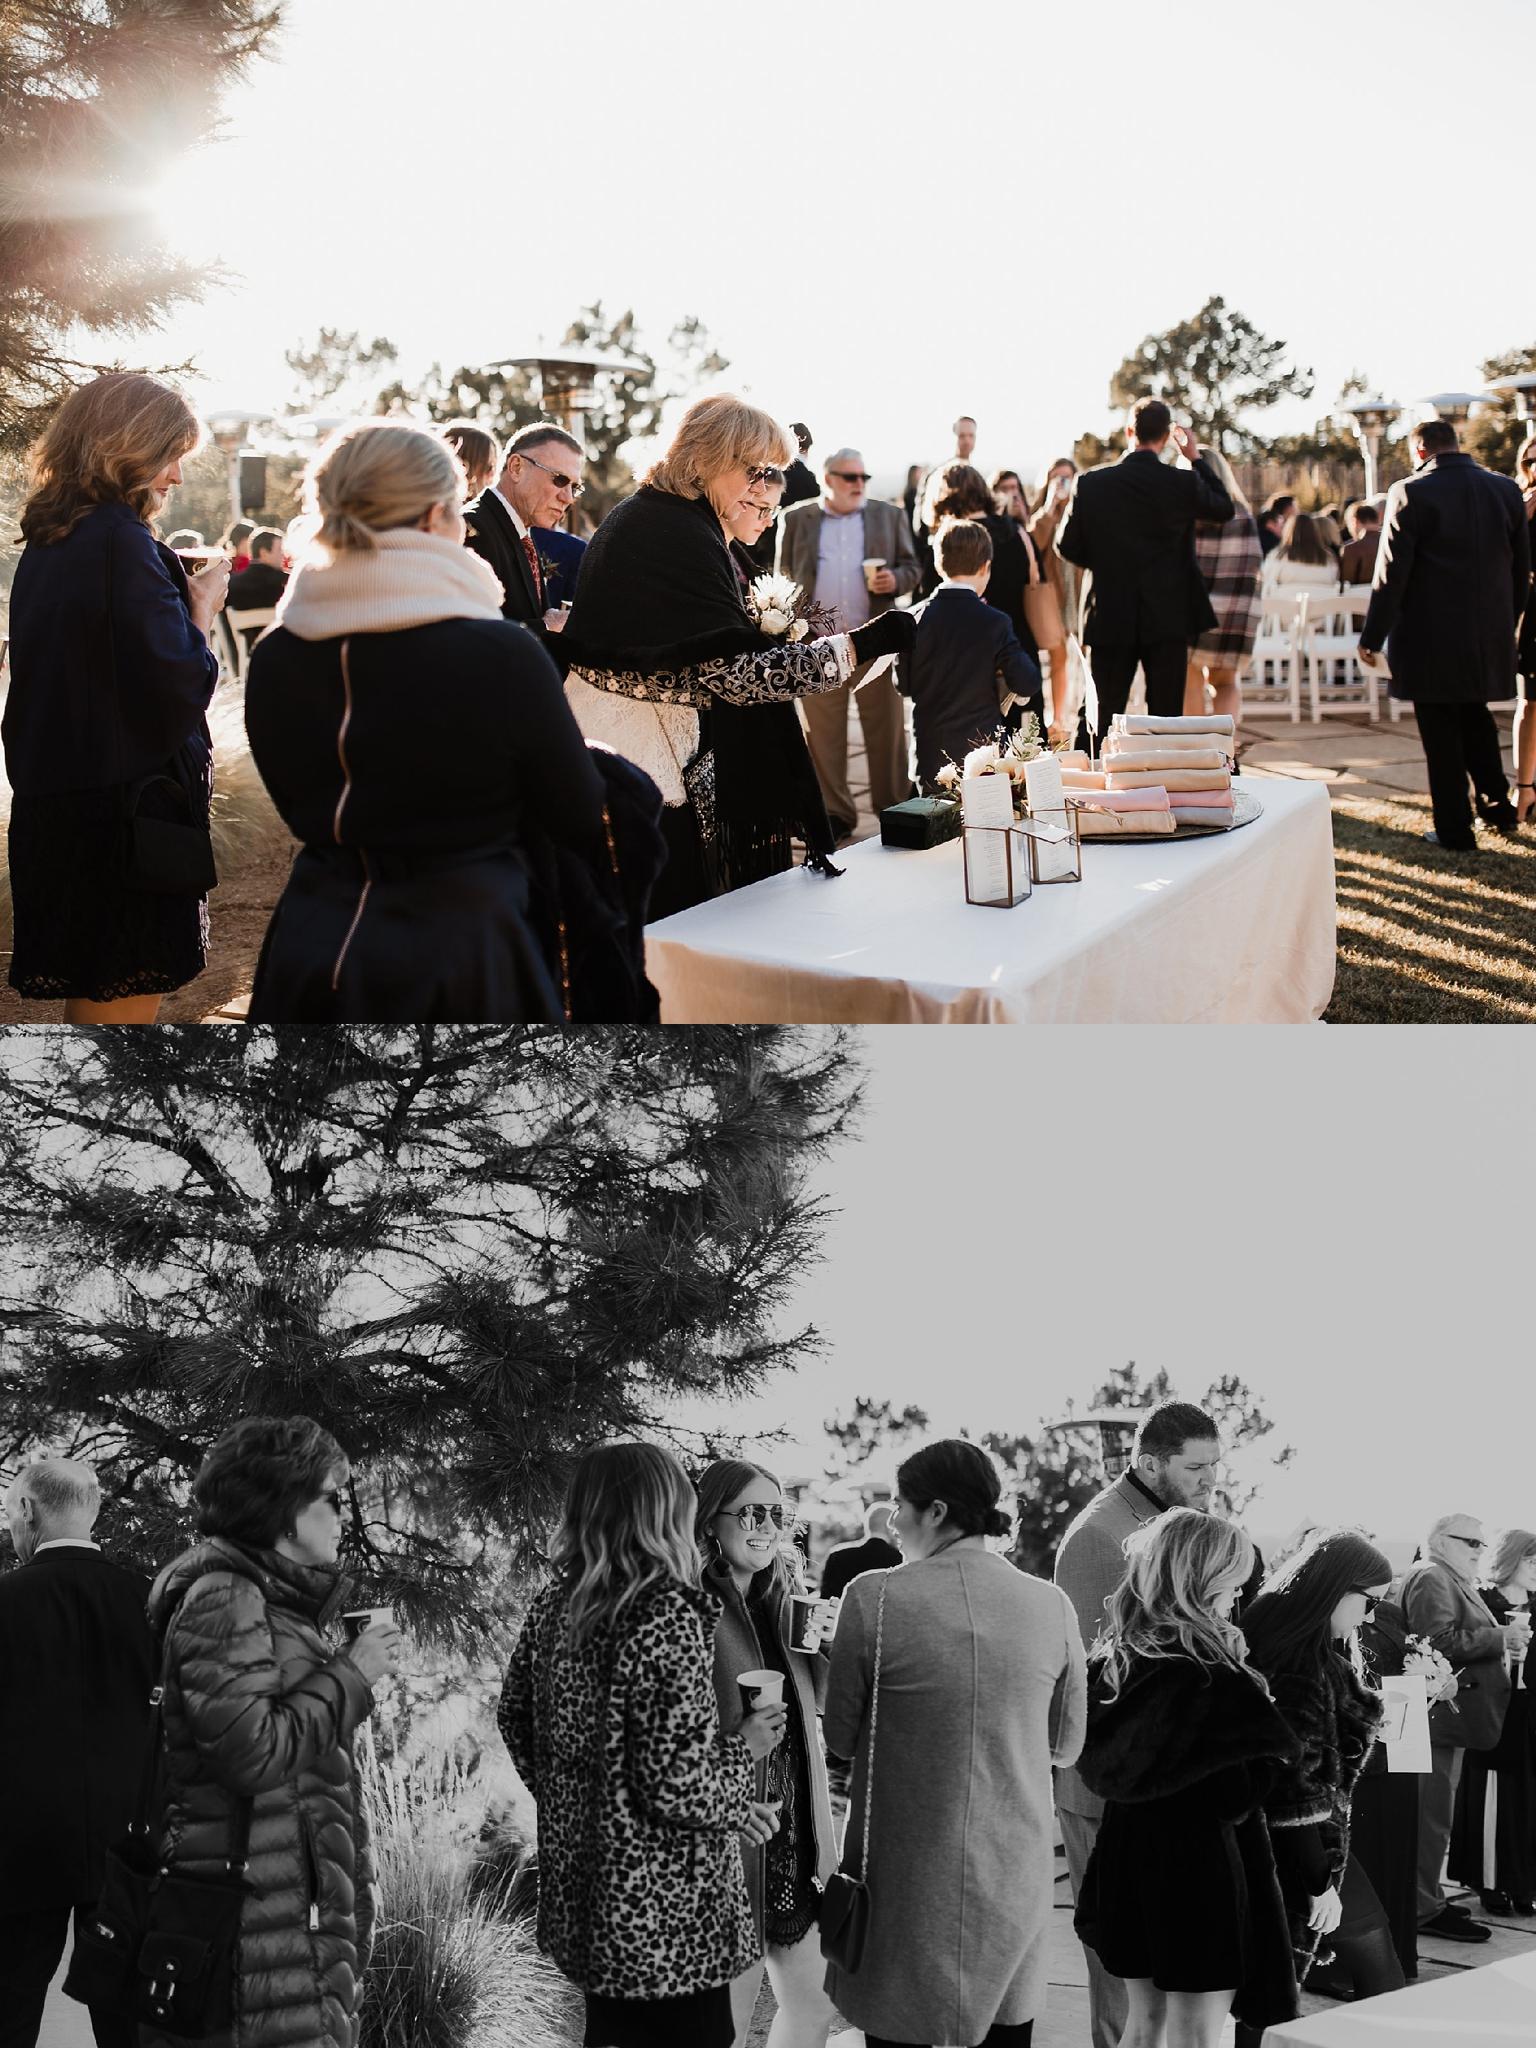 Alicia+lucia+photography+-+albuquerque+wedding+photographer+-+santa+fe+wedding+photography+-+new+mexico+wedding+photographer+-+new+mexico+wedding+-+santa+fe+wedding+-+four+seasons+wedding+-+winter+wedding_0040.jpg